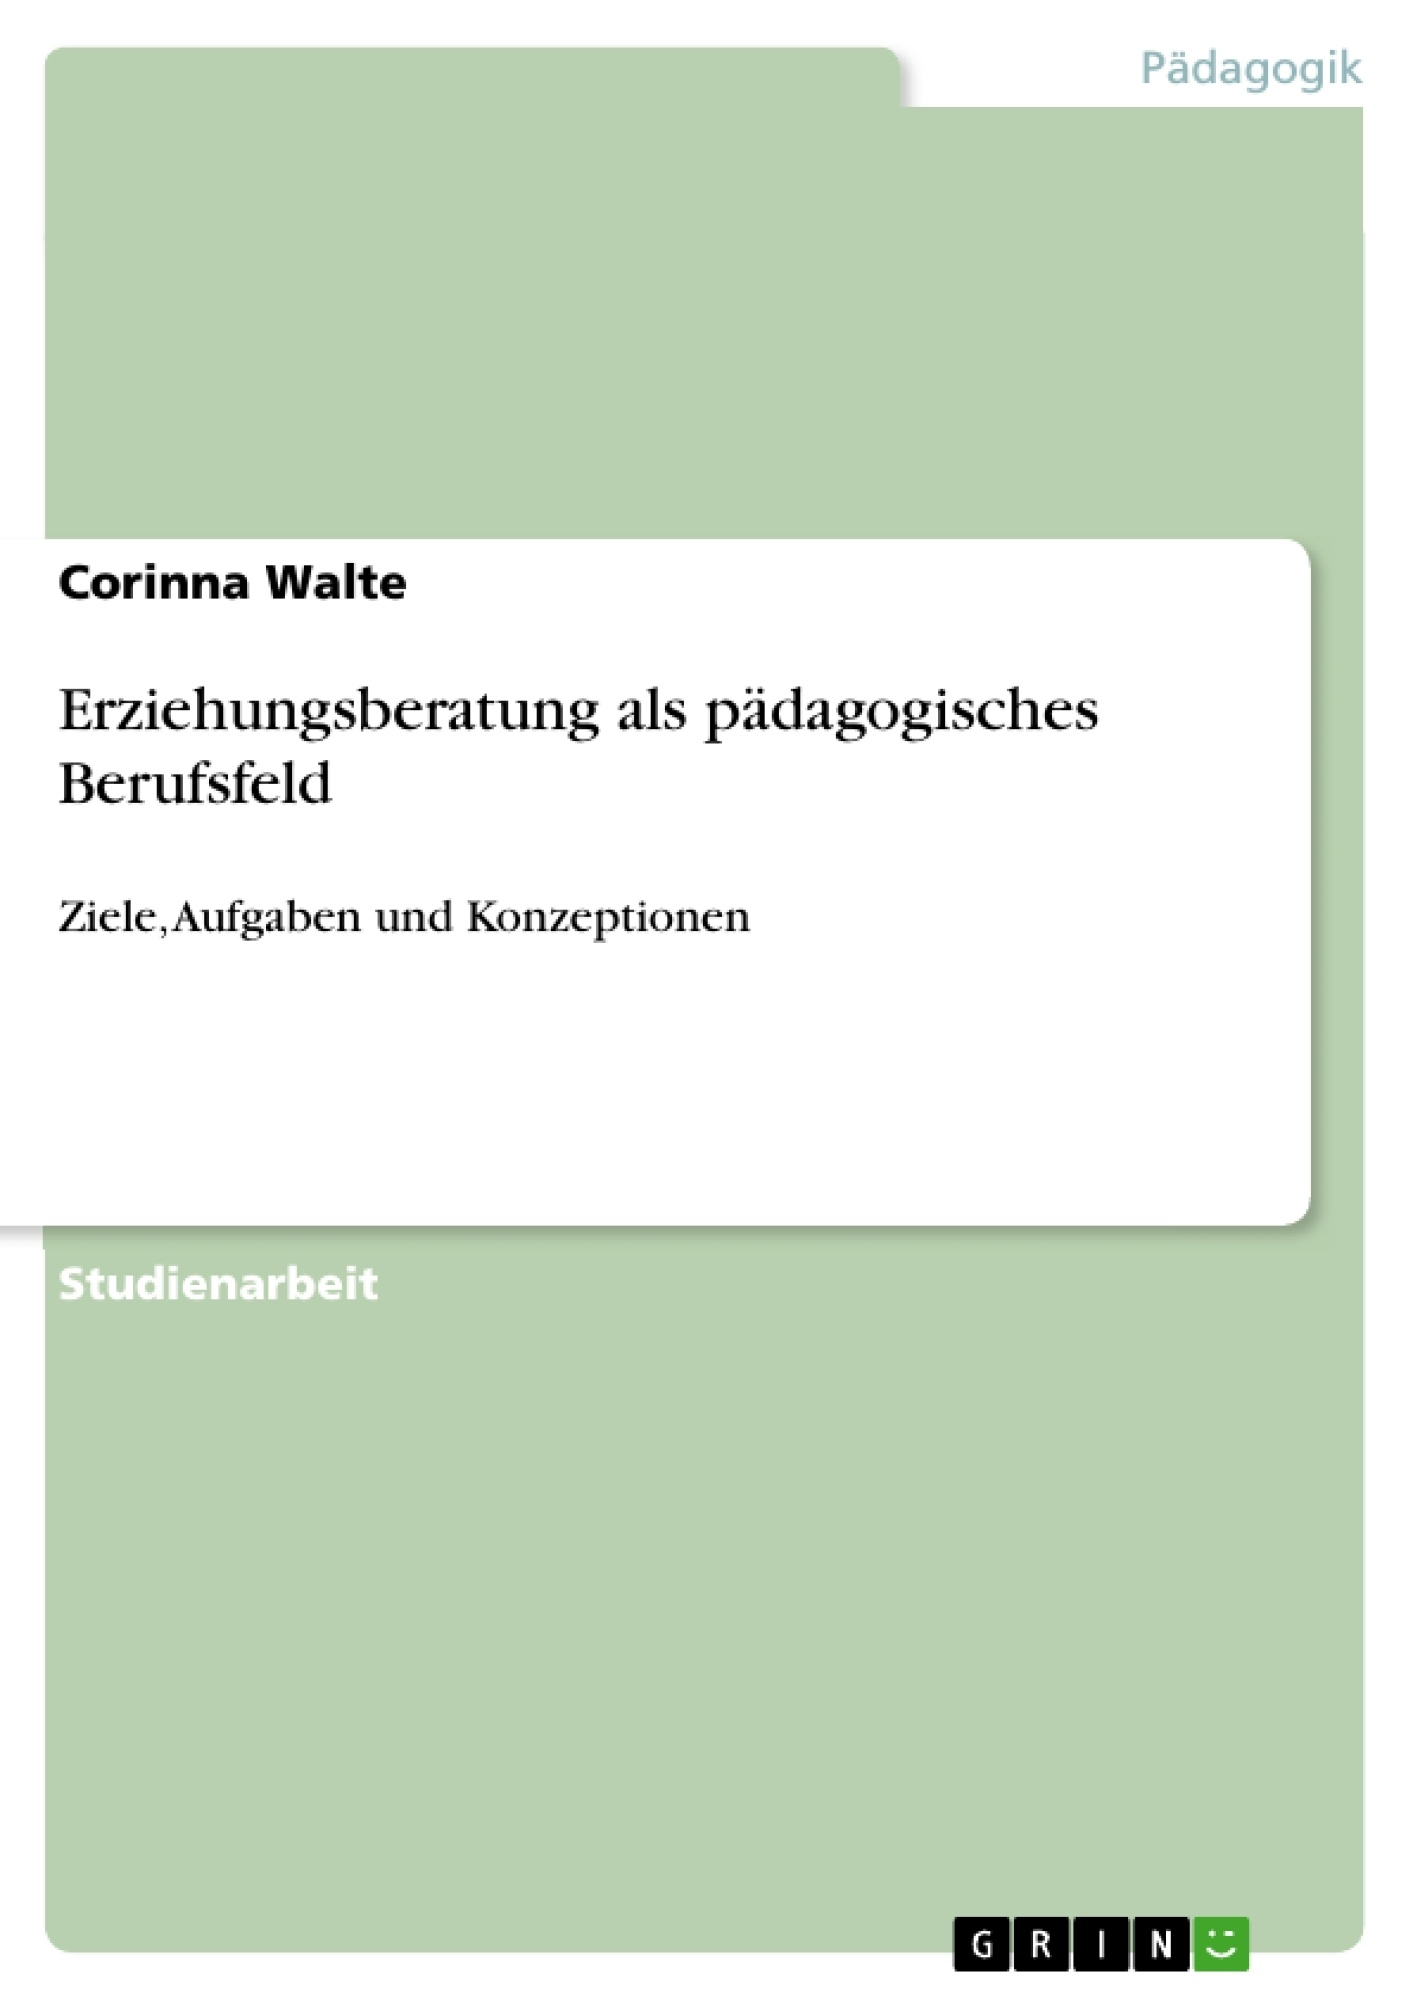 Titel: Erziehungsberatung als pädagogisches Berufsfeld